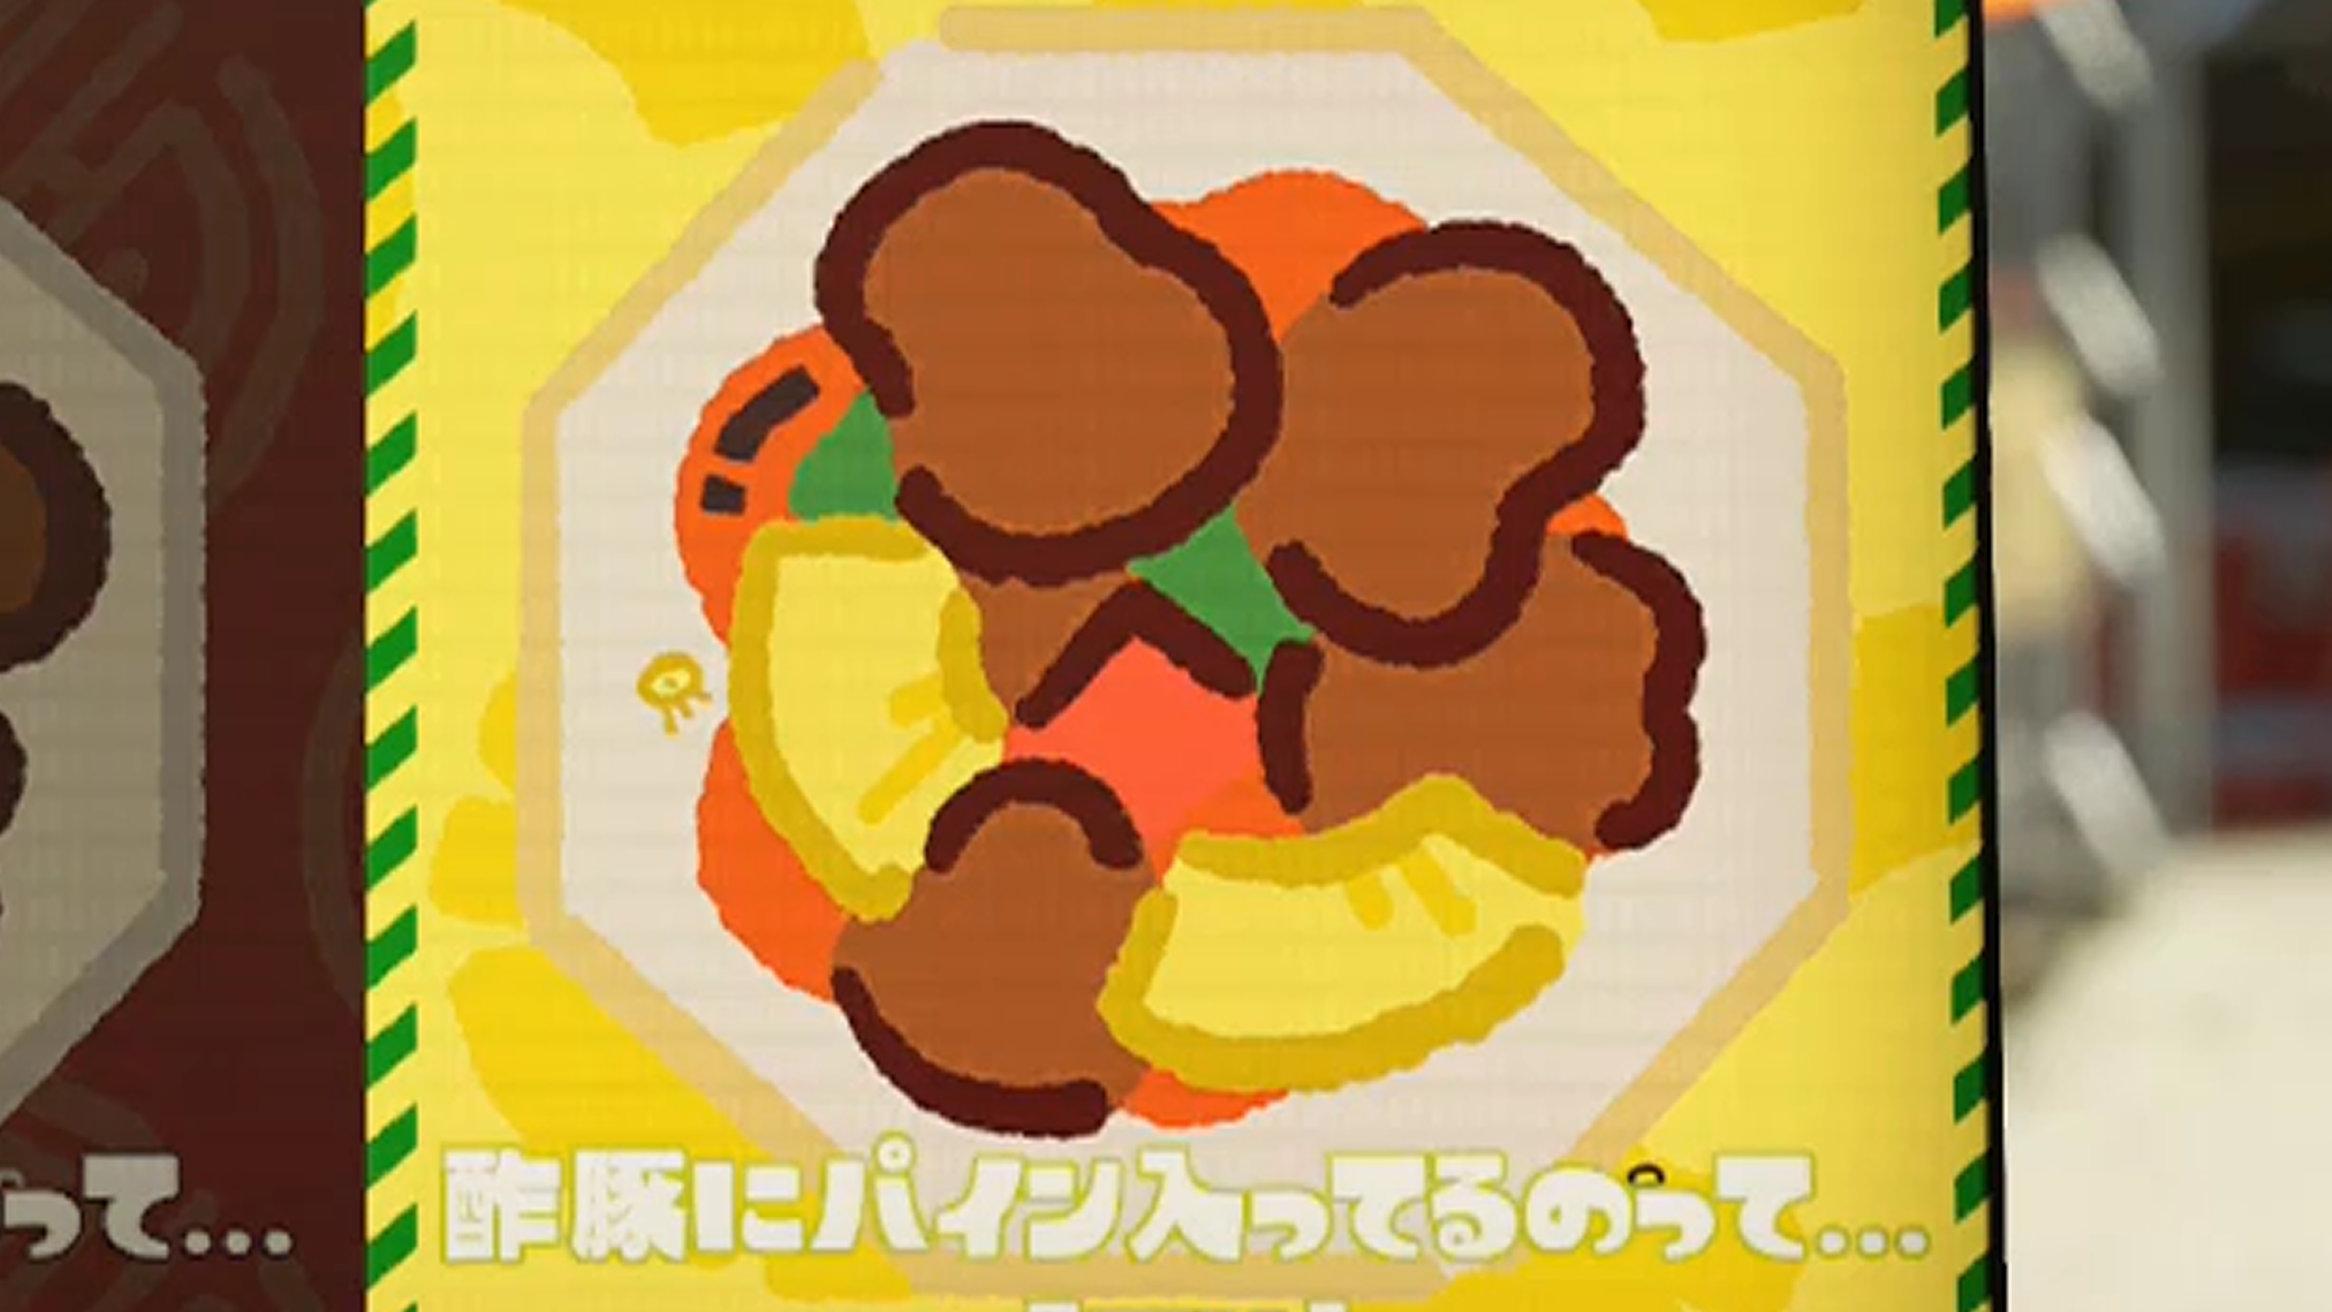 スプラトゥーン2、酢豚にパインは?フェス。多数派は